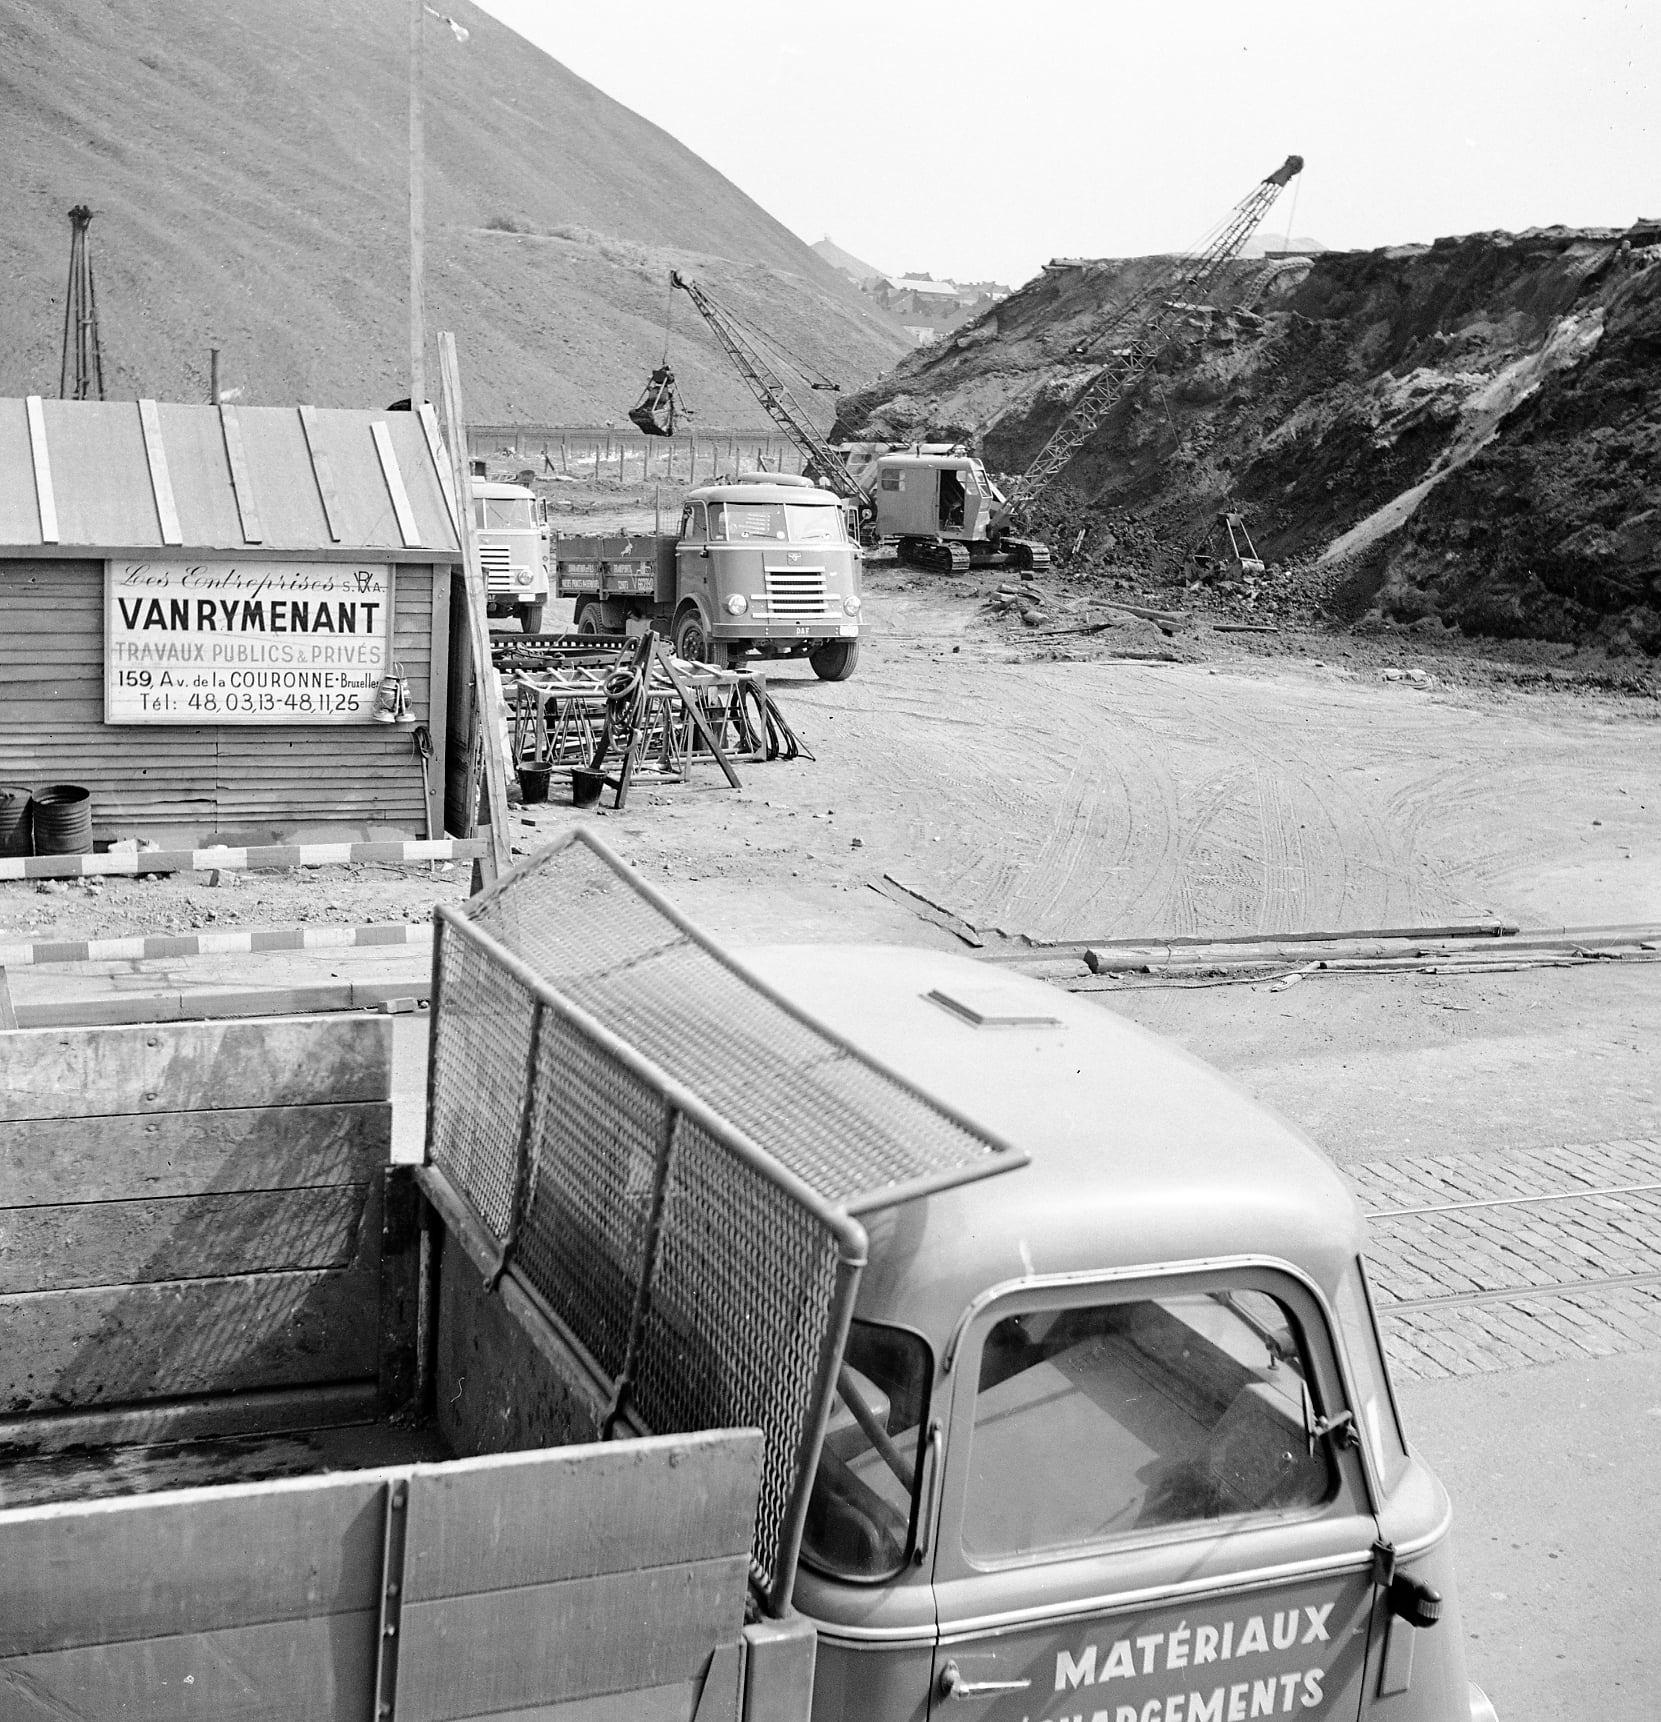 Daf-kippers-Bienne-Ad-van-Geel-archief-(2)